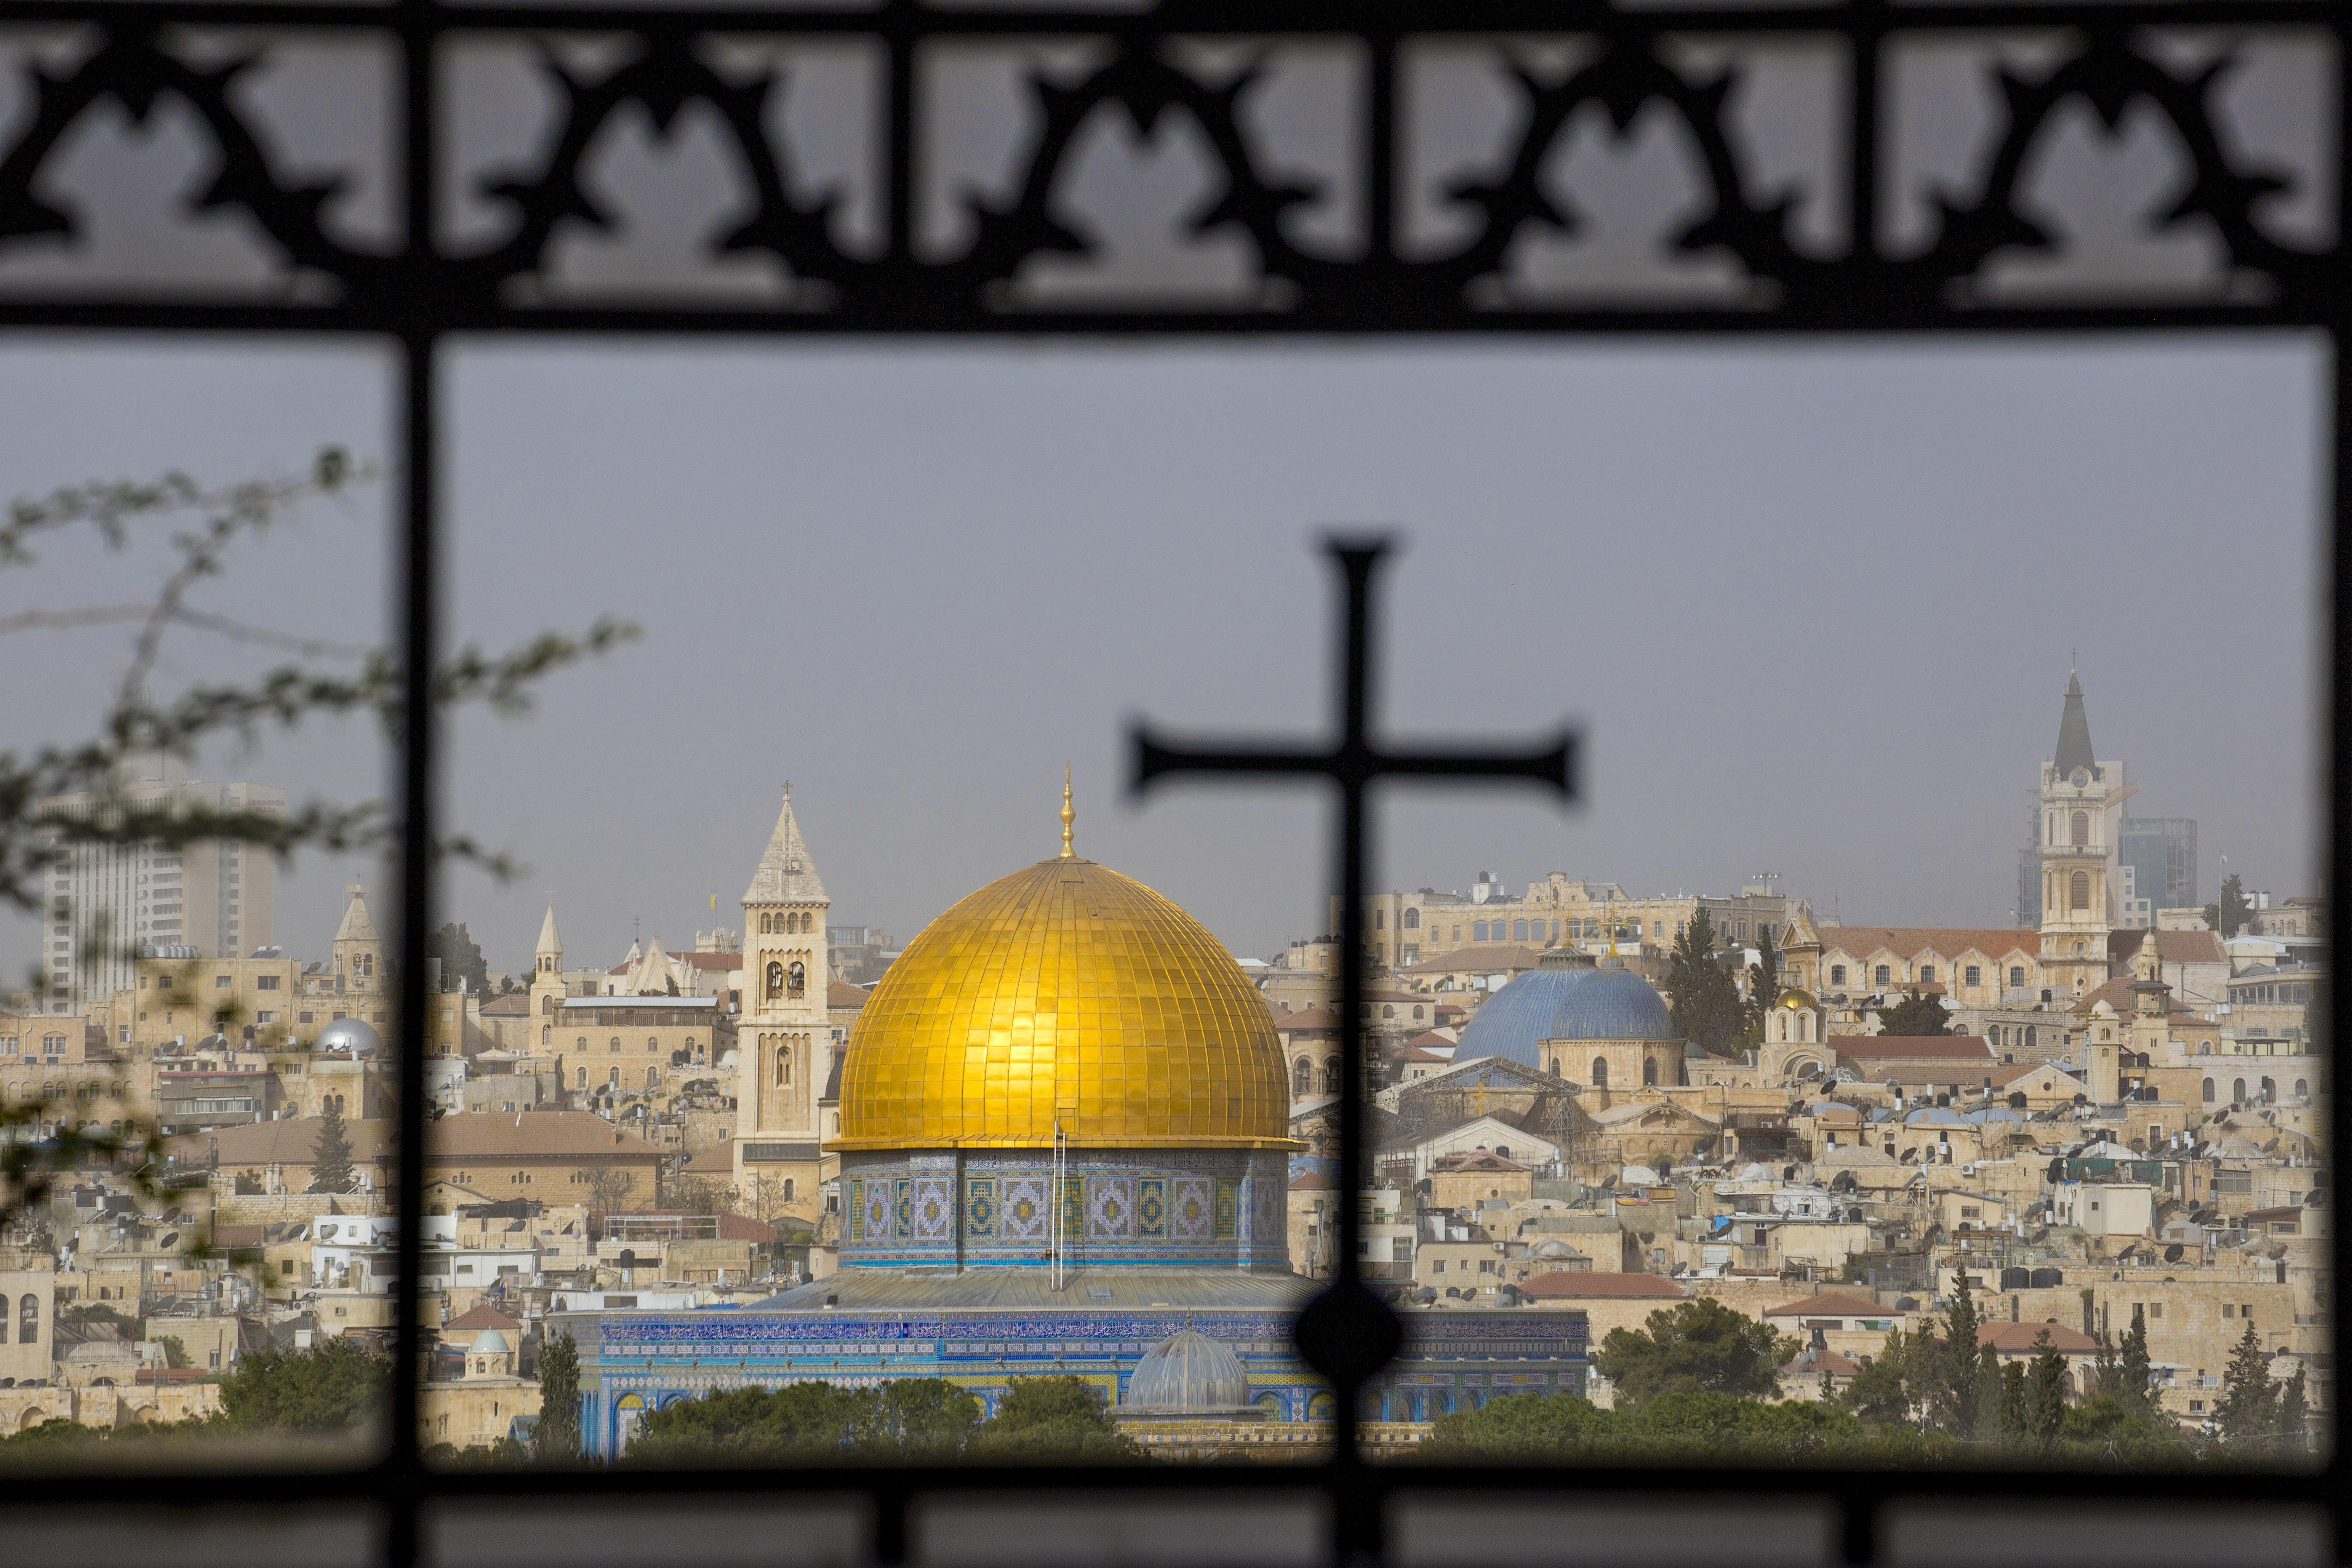 Μετά τις ΗΠΑ και η Ρουμανία μεταφέρει στην Ιερουσαλήμ την πρεσβεία της στο